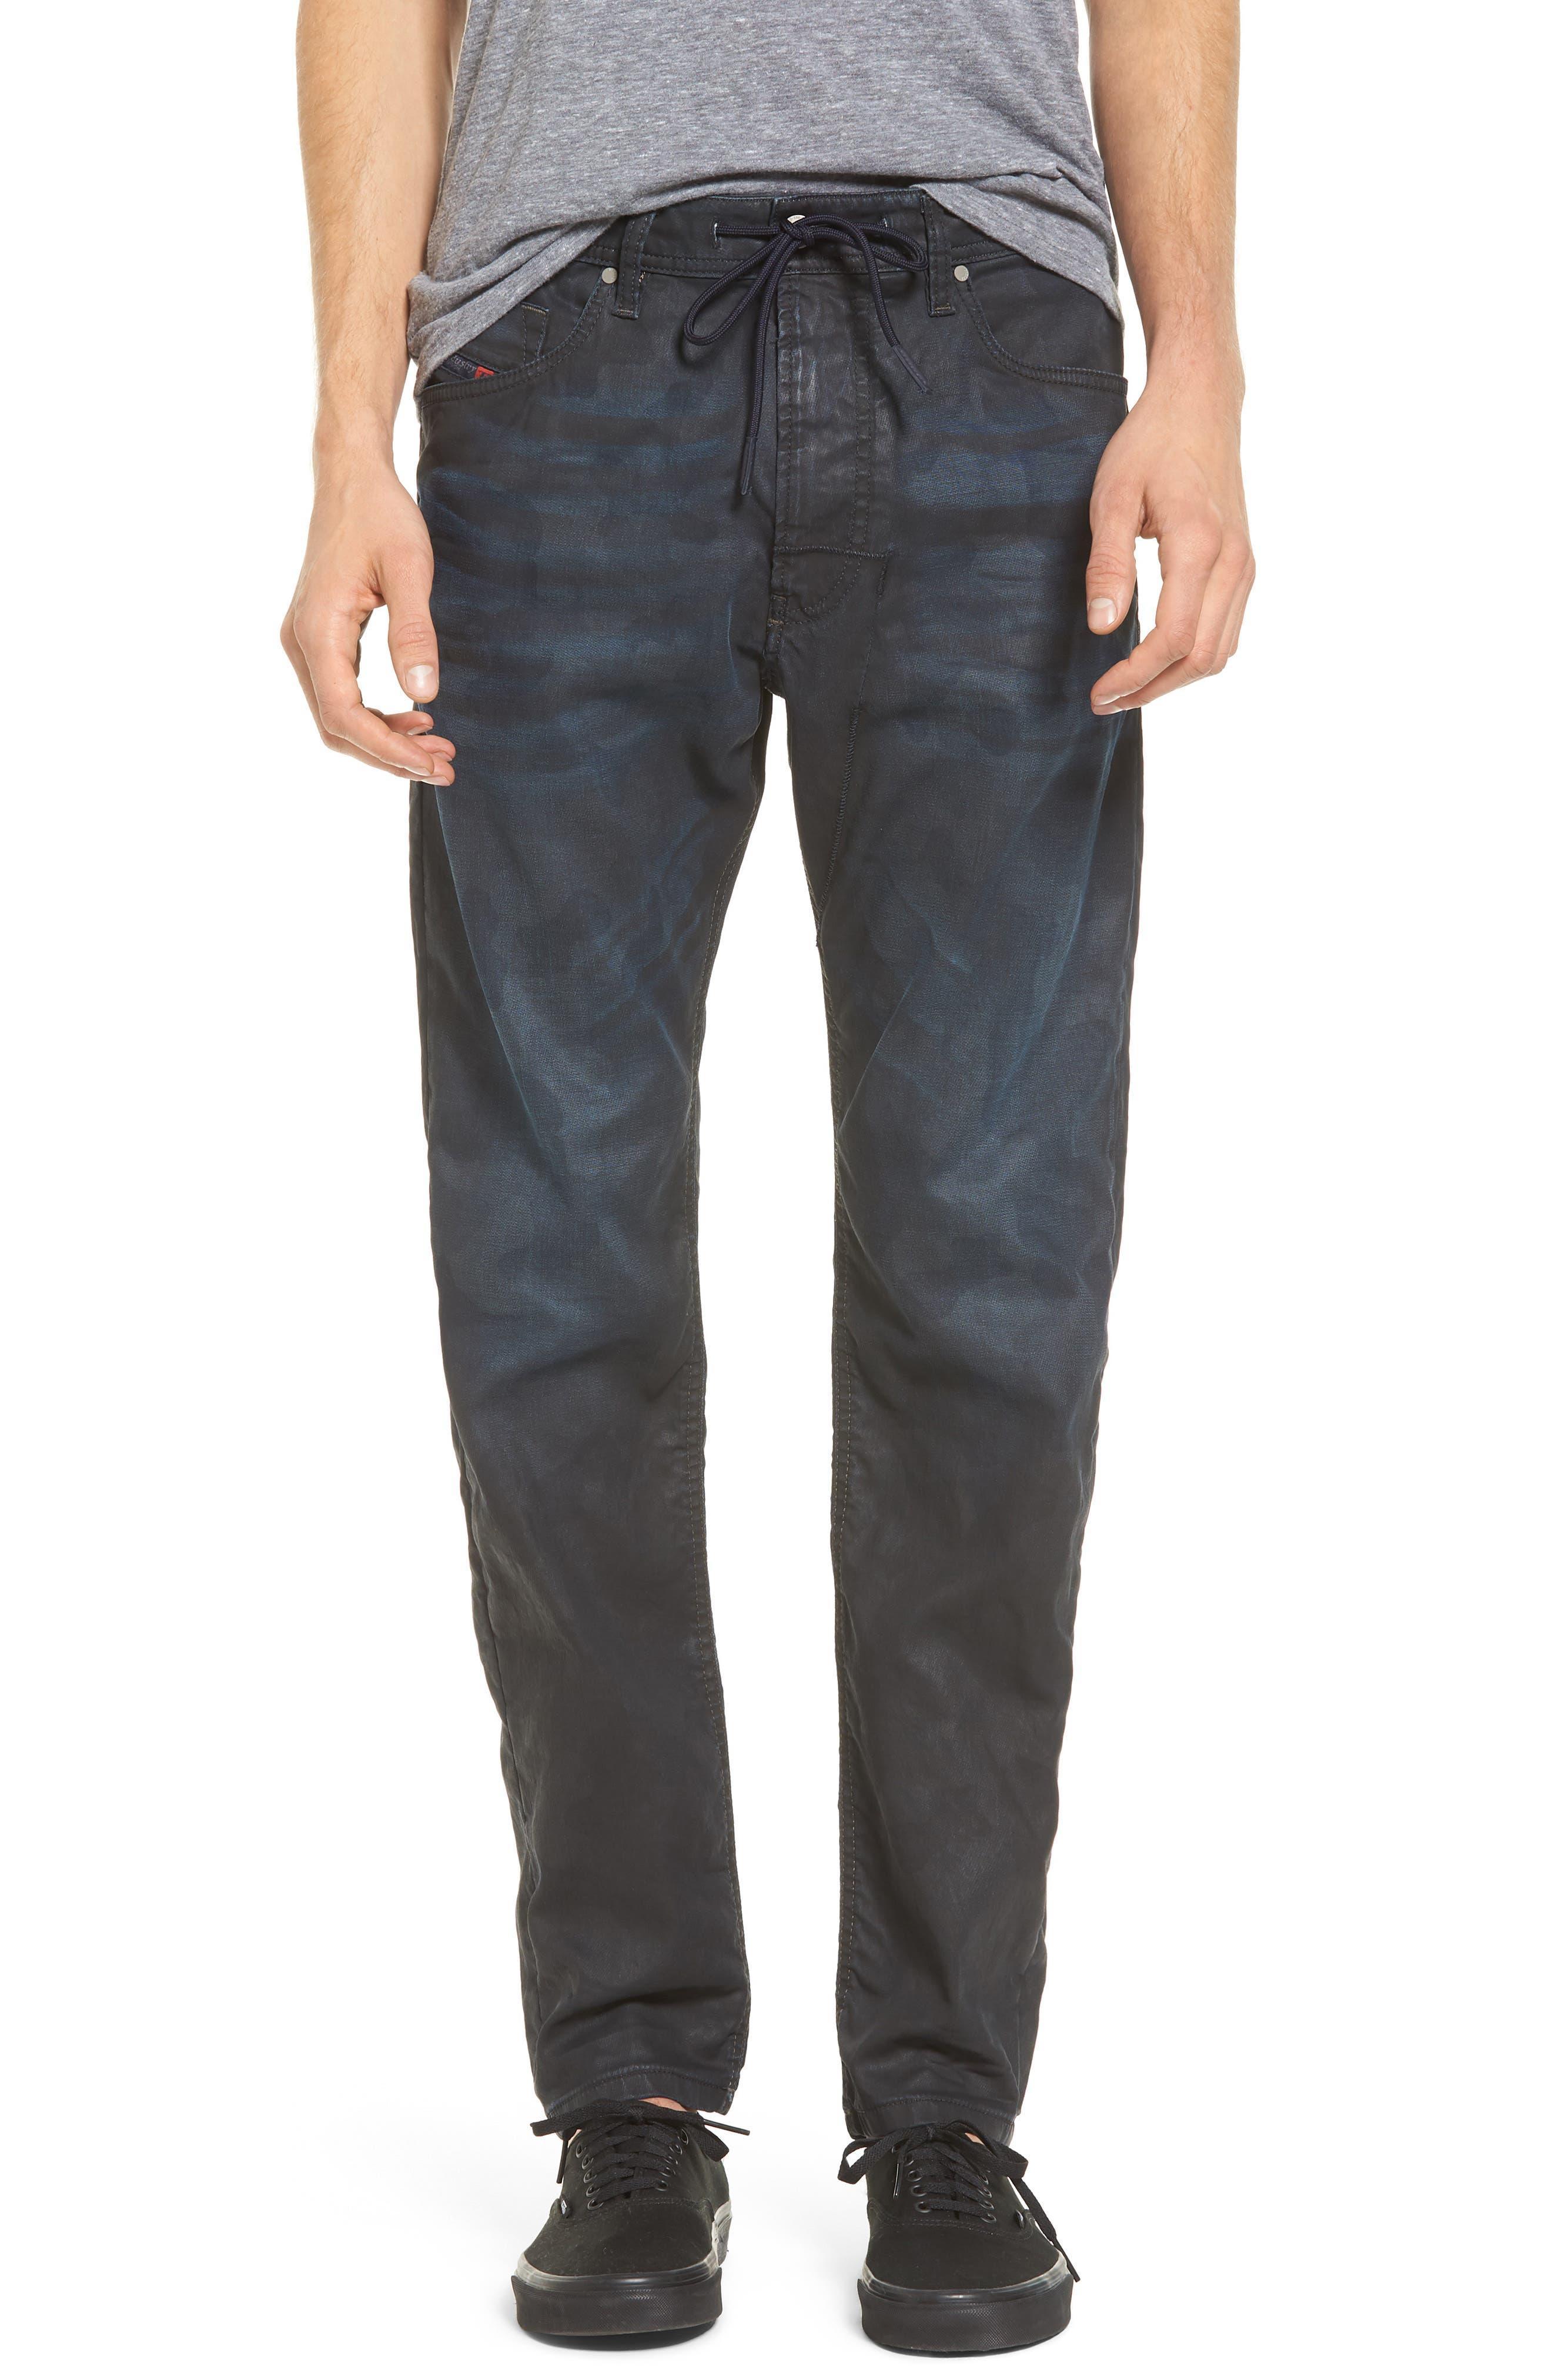 Alternate Image 1 Selected - DIESEL® Narrot Slouchy Skinny Fit Jeans